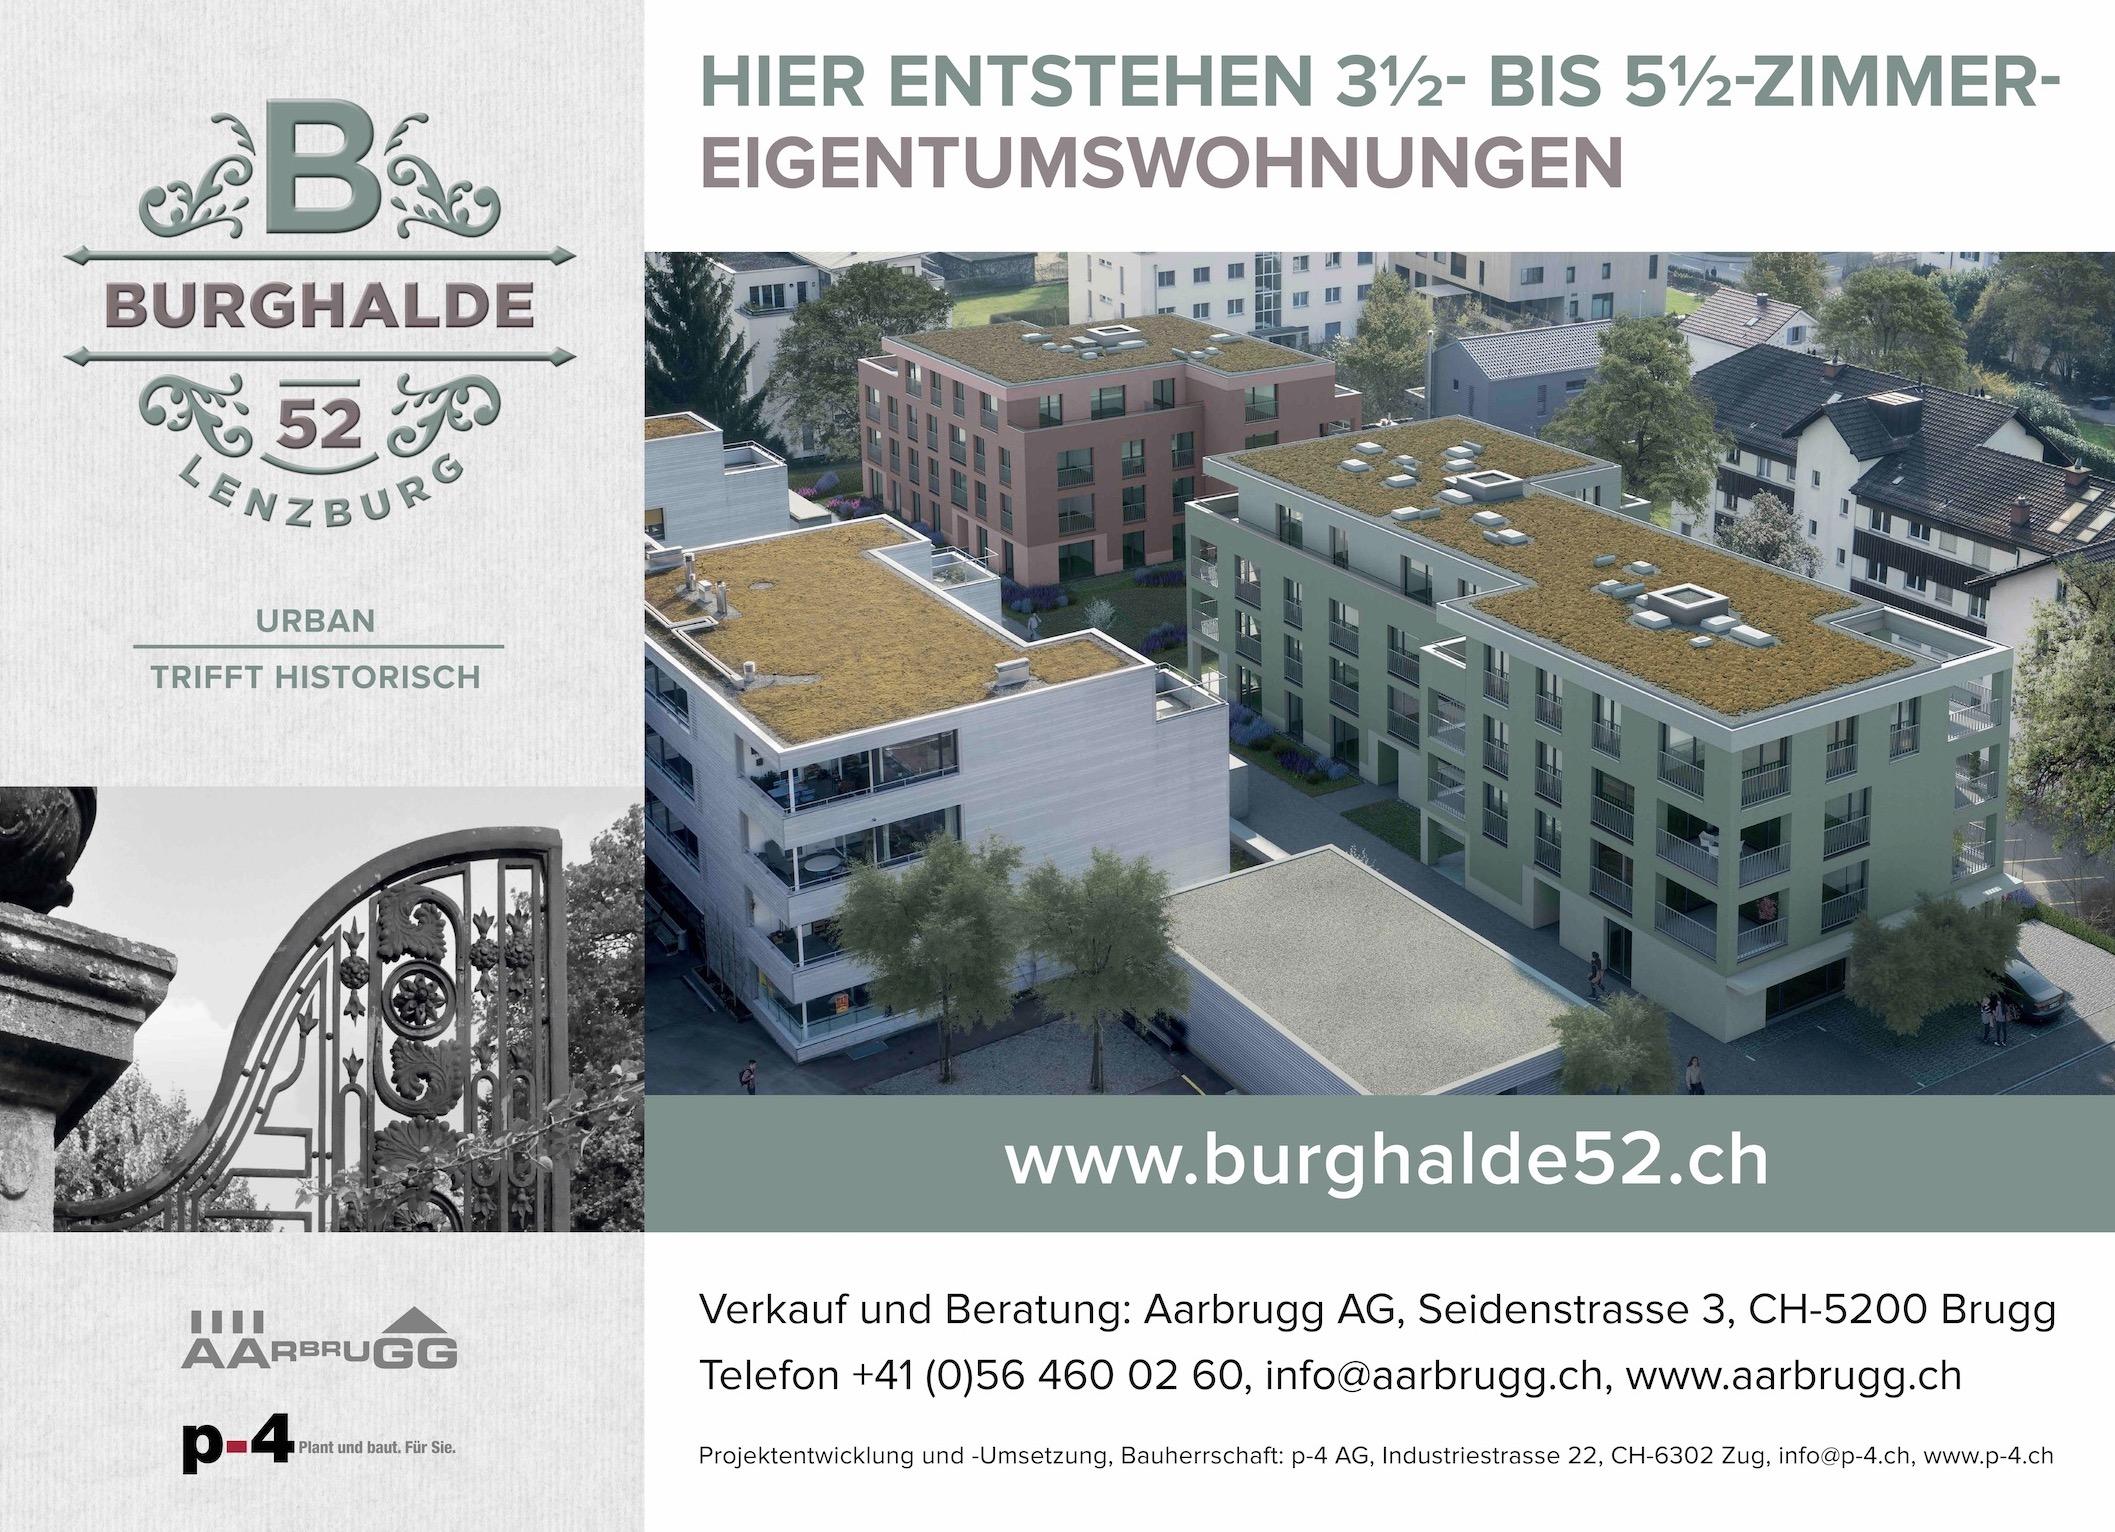 BurghaldeBlache.jpg